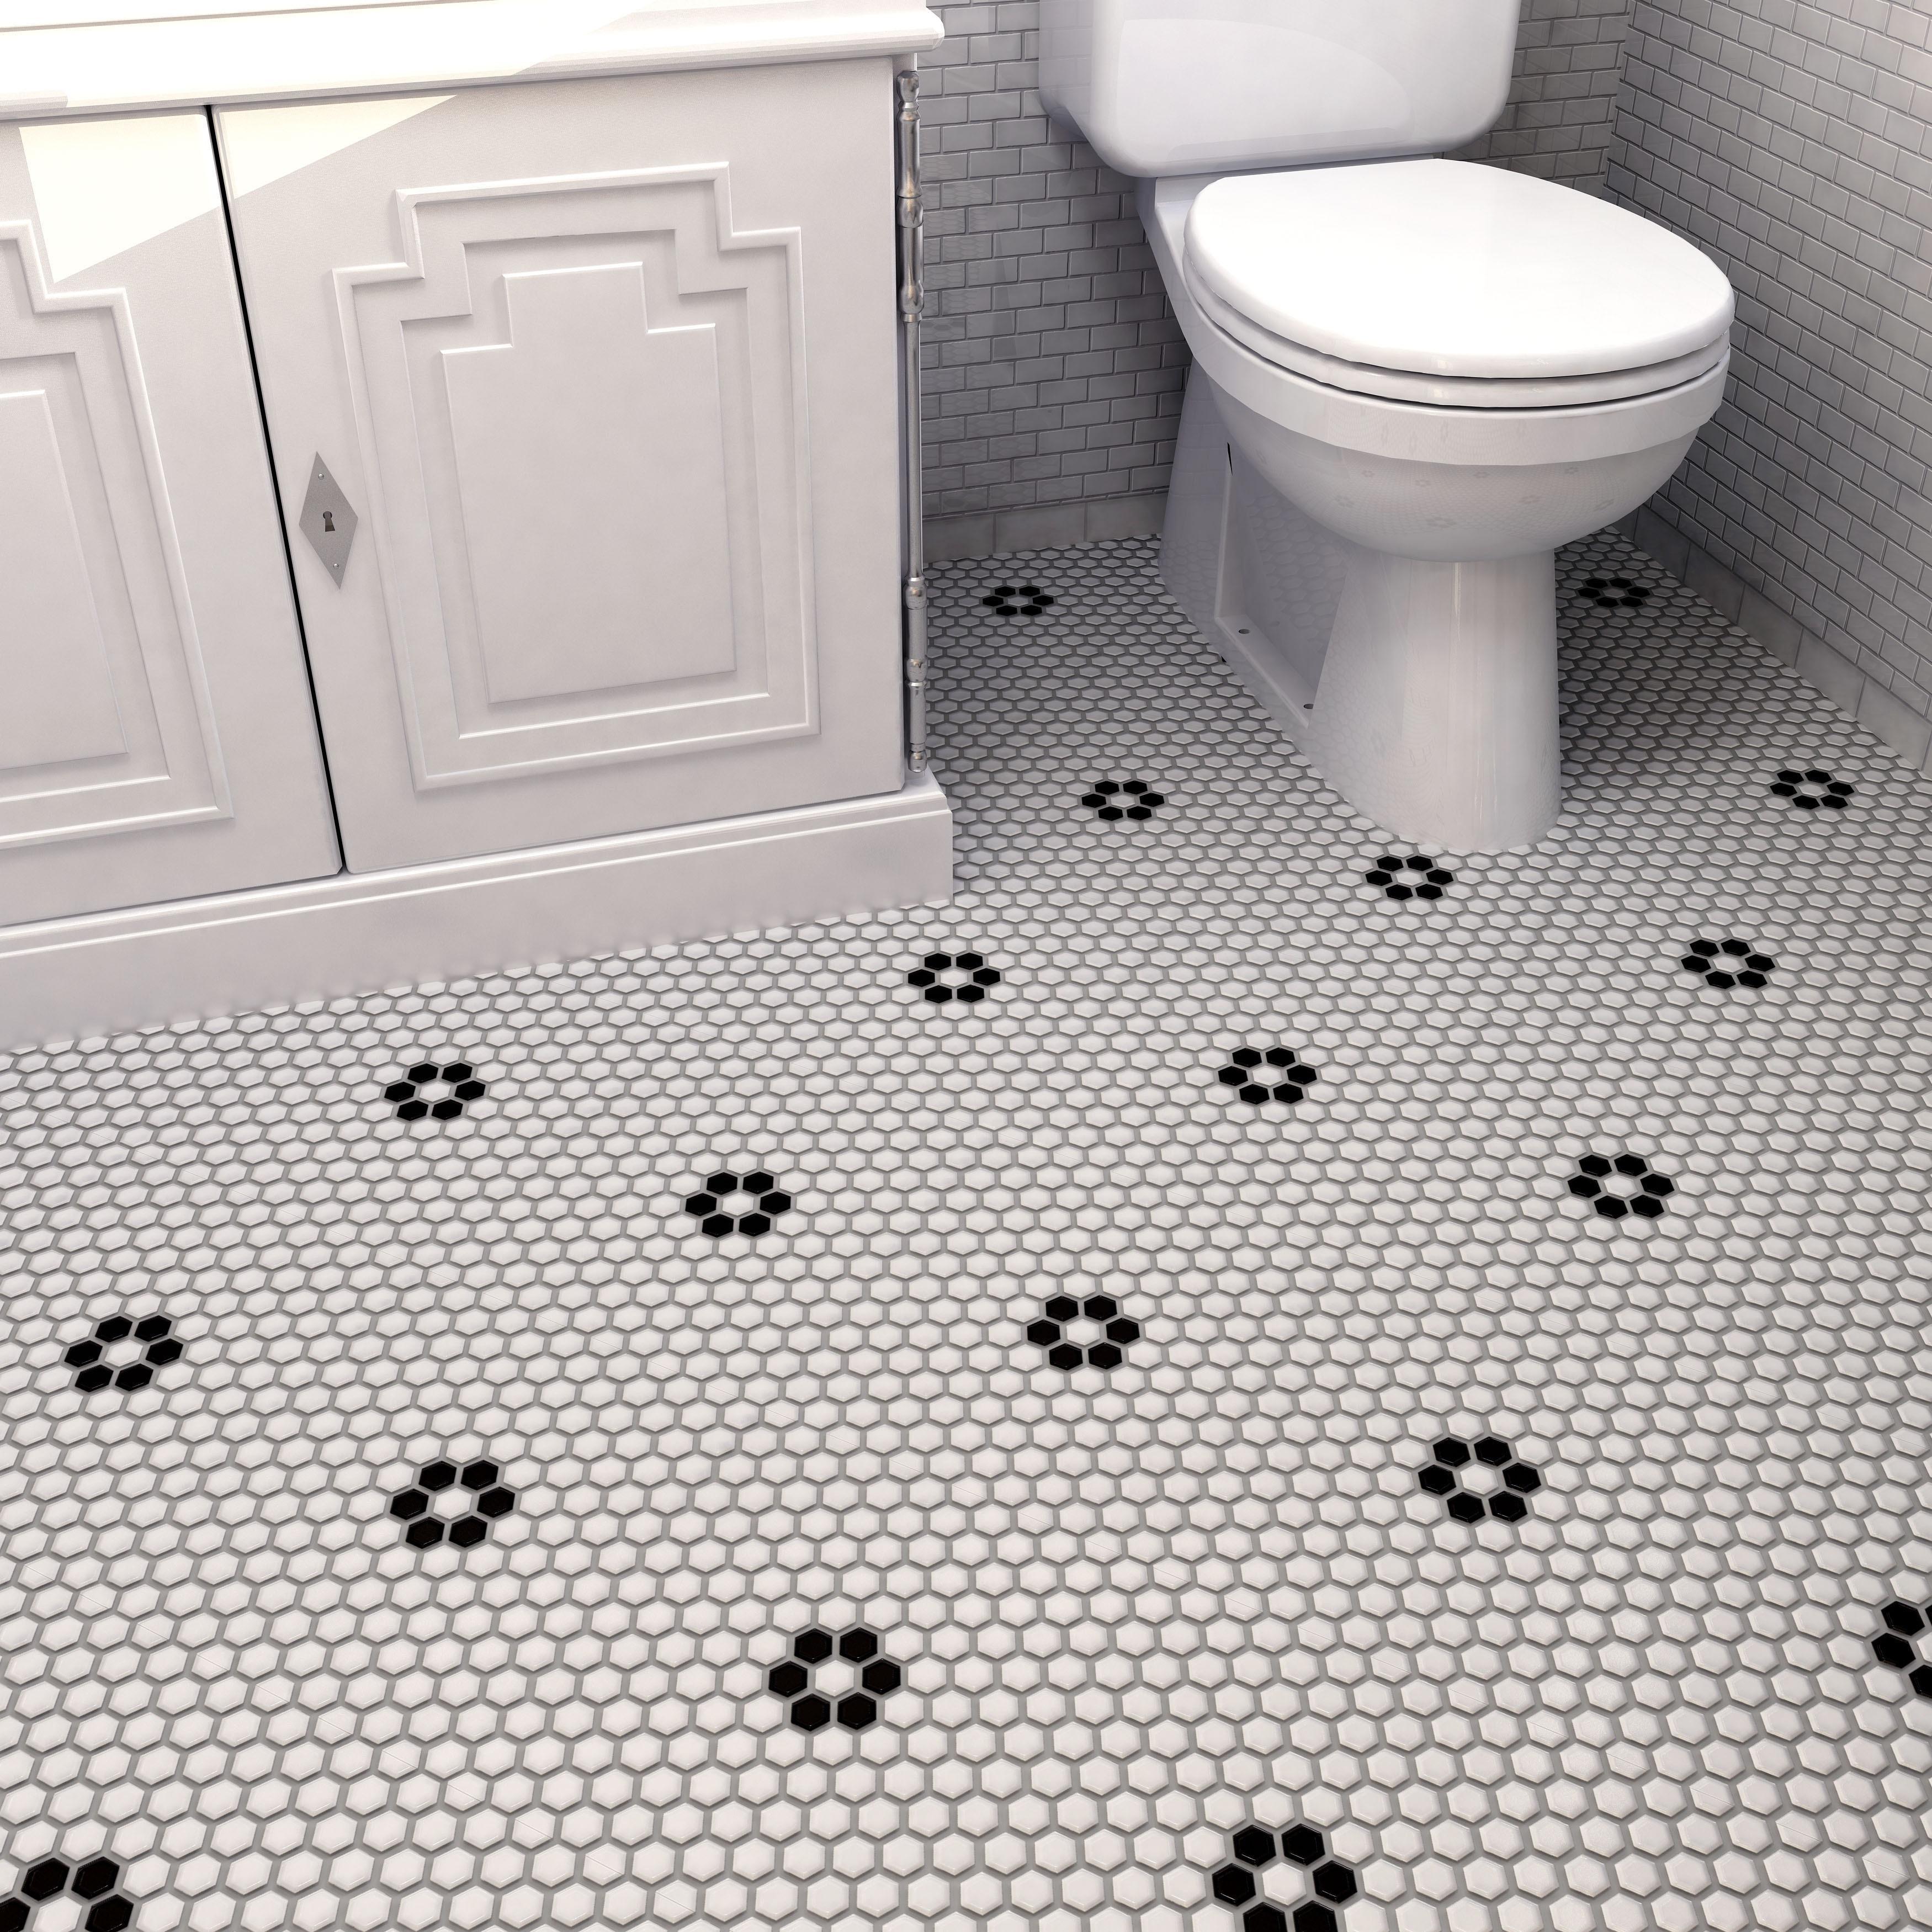 Buy Hexagon Floor Tiles line at Overstock